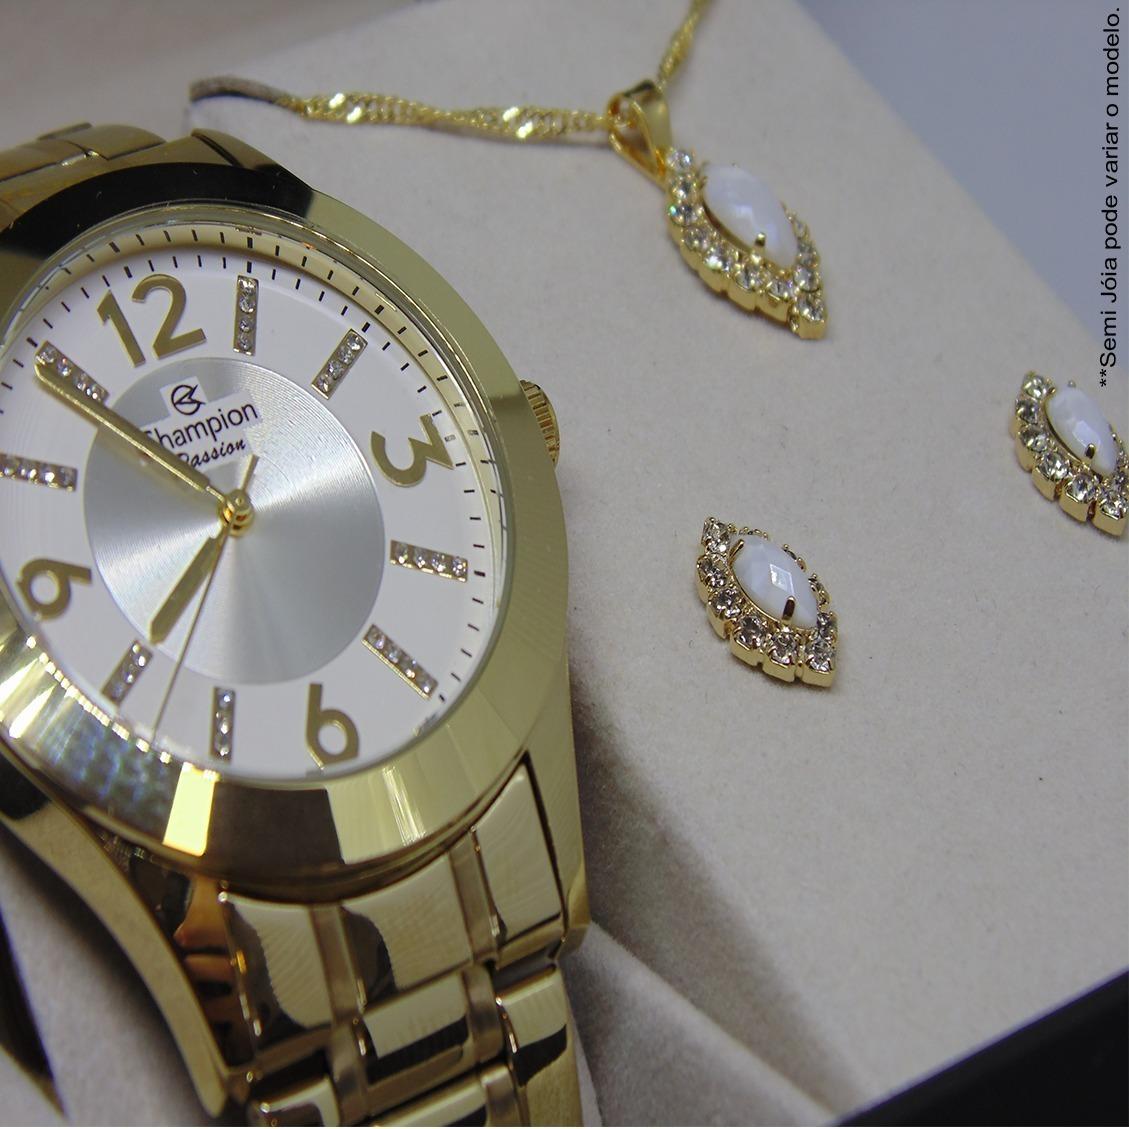 534d28f5125 relógio champion o r i g i n a l cn29418h + kit brinde líder. Carregando  zoom.